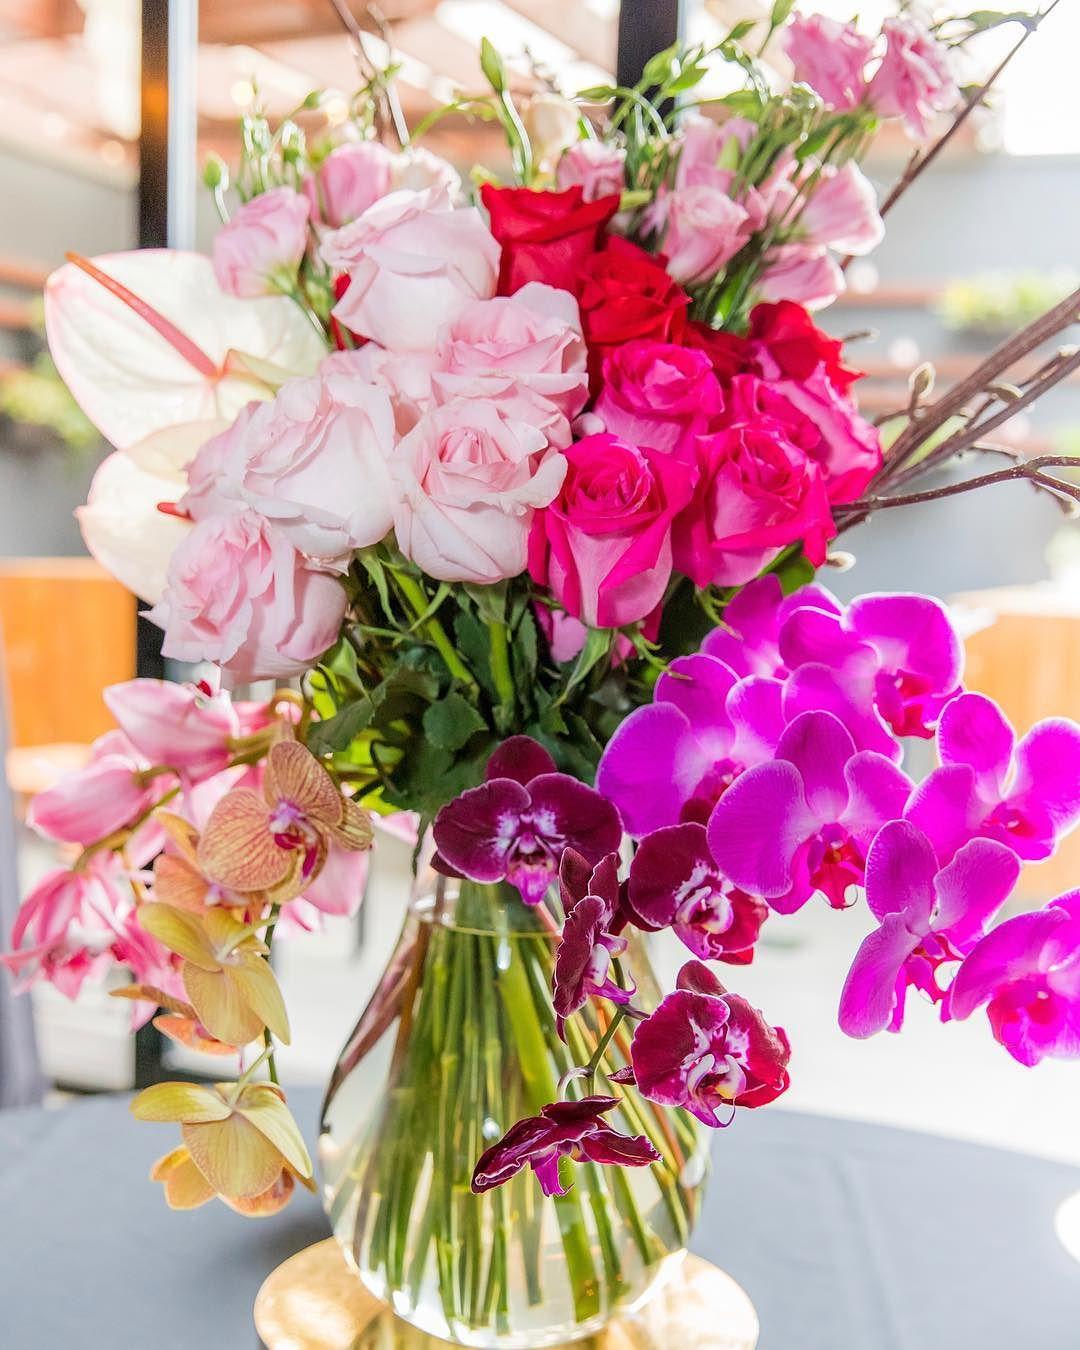 centros de mesa con flores naturales 2019